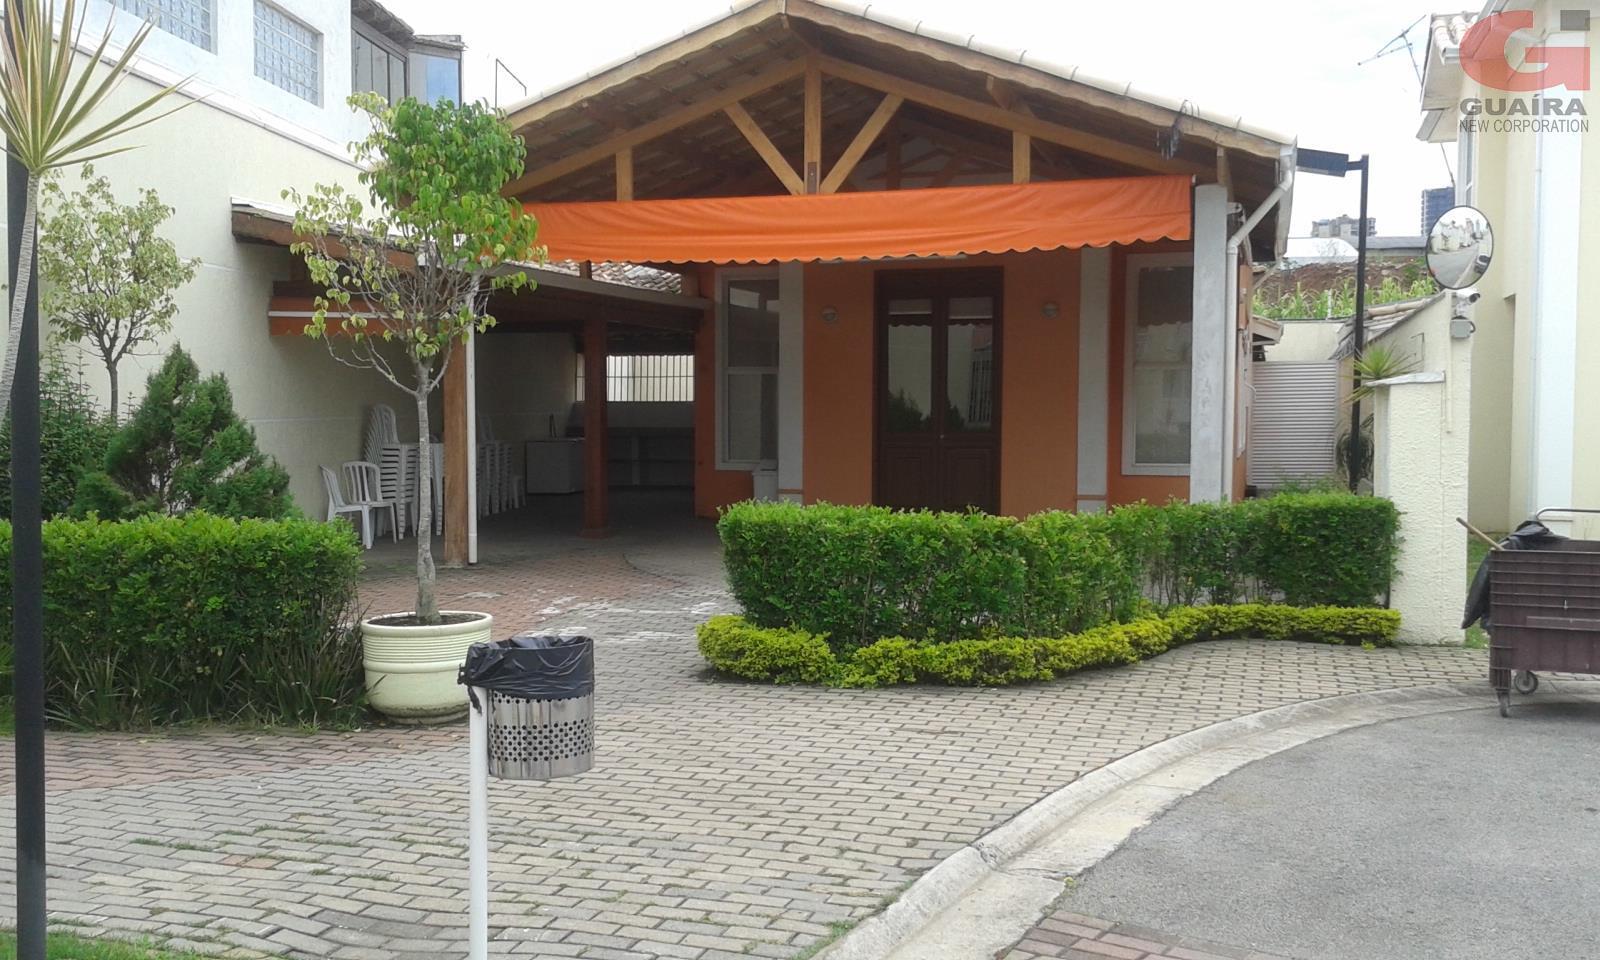 Sobrado de 3 dormitórios em Jordanópolis, São Bernardo Do Campo - SP